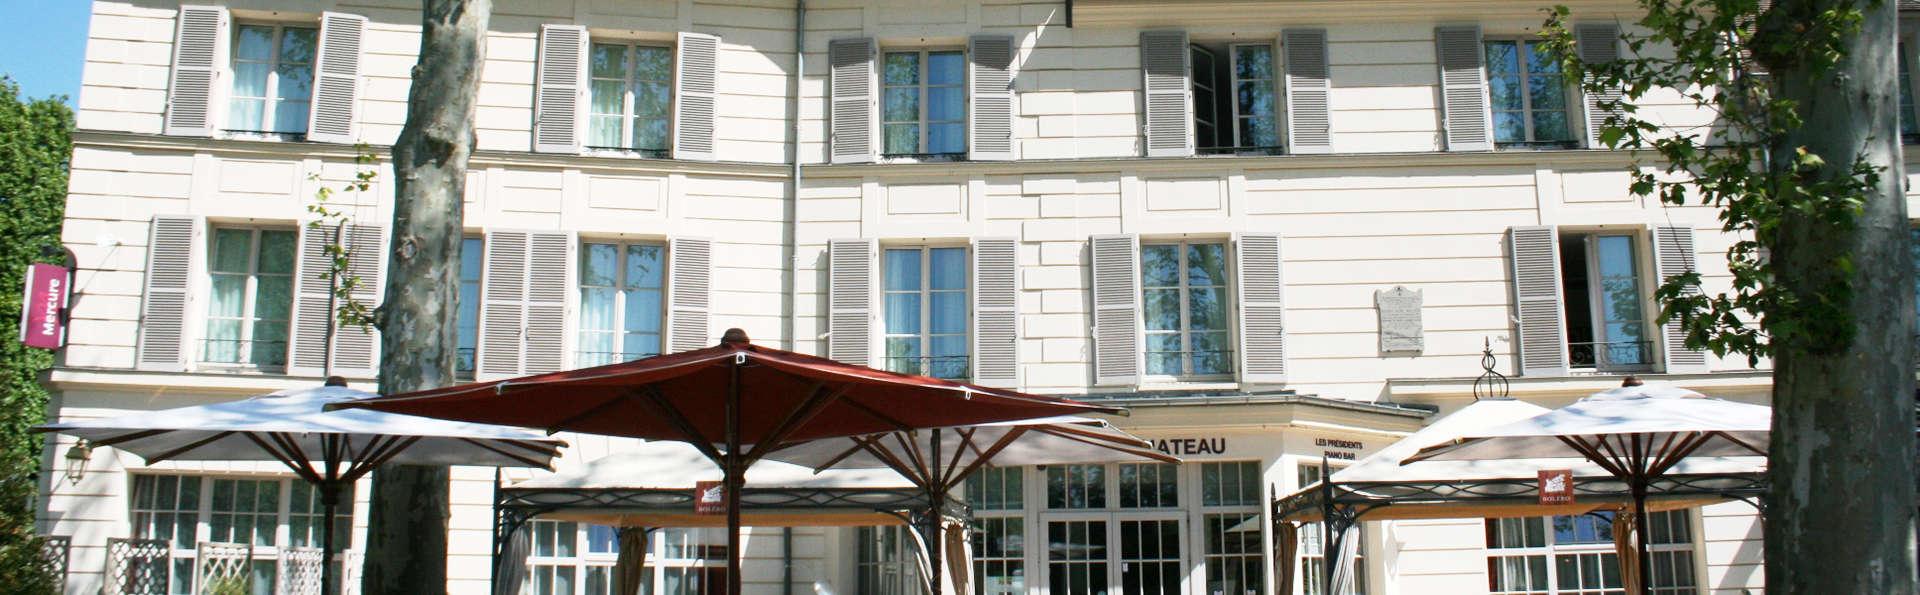 Mercure Relays du Château Rambouillet - EDIT_front3.jpg